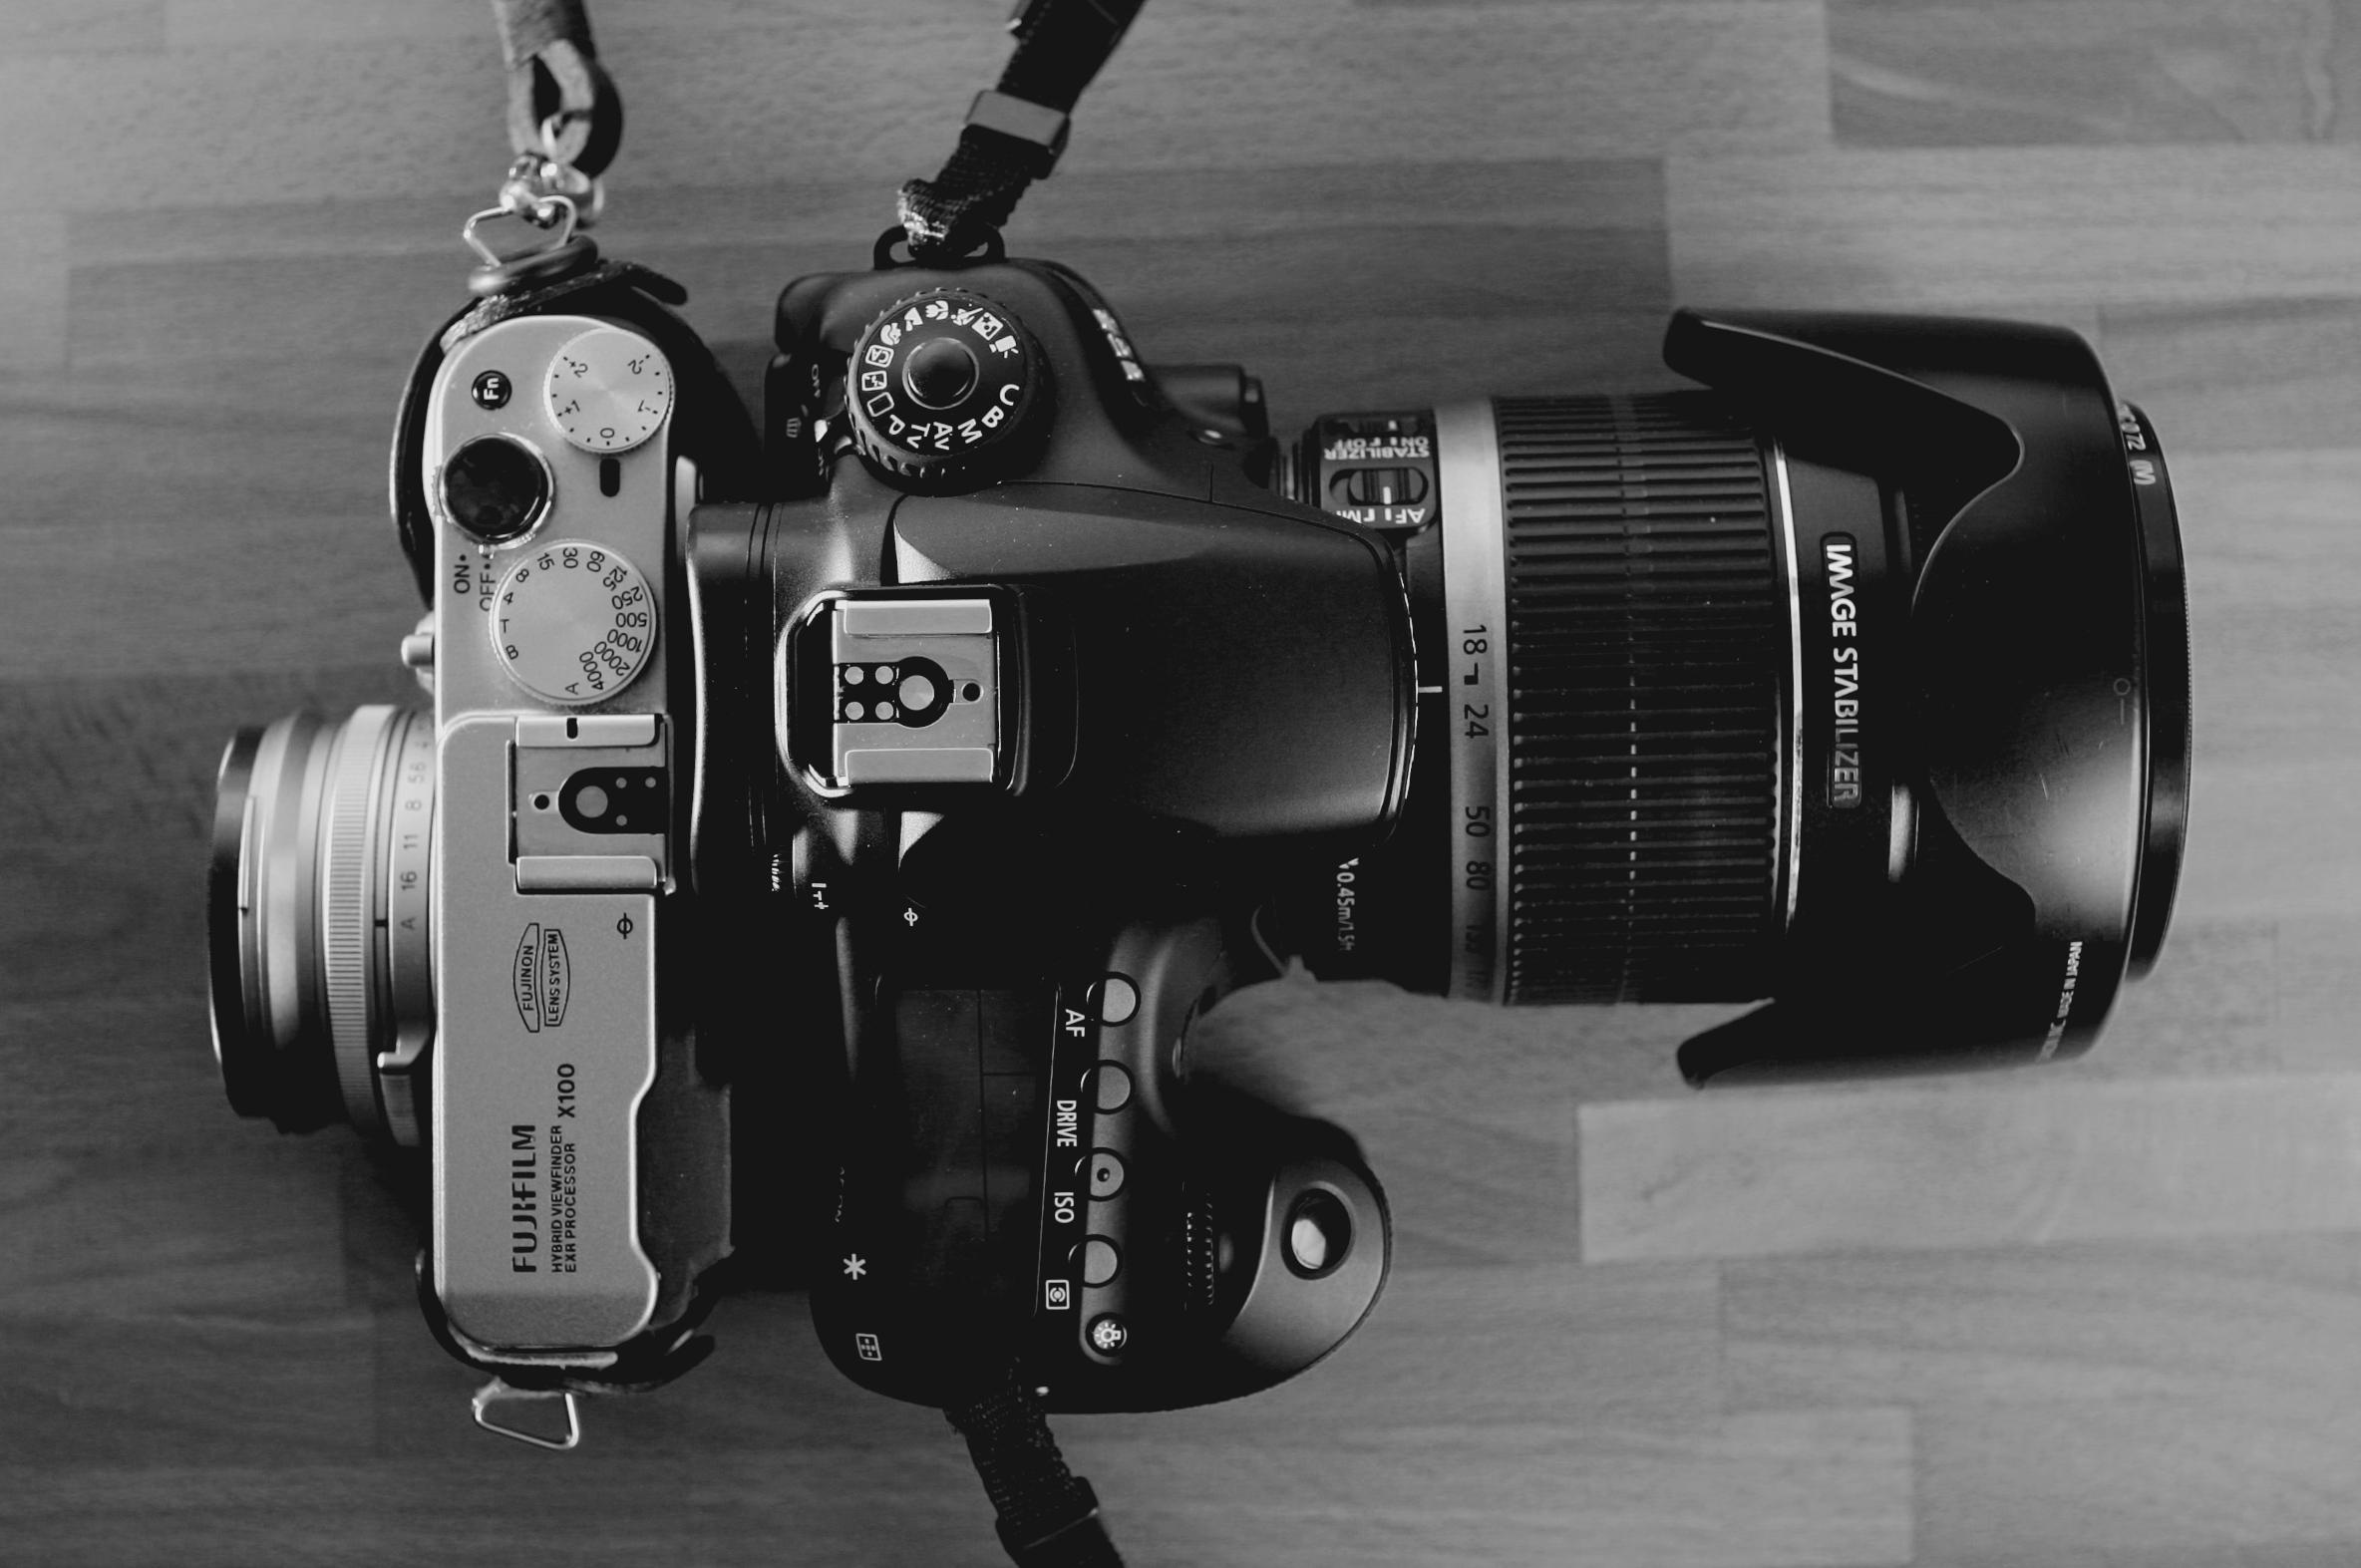 File:Fujifilm FinePix X100 and Canon EOS 60D with Canon EF-S 18